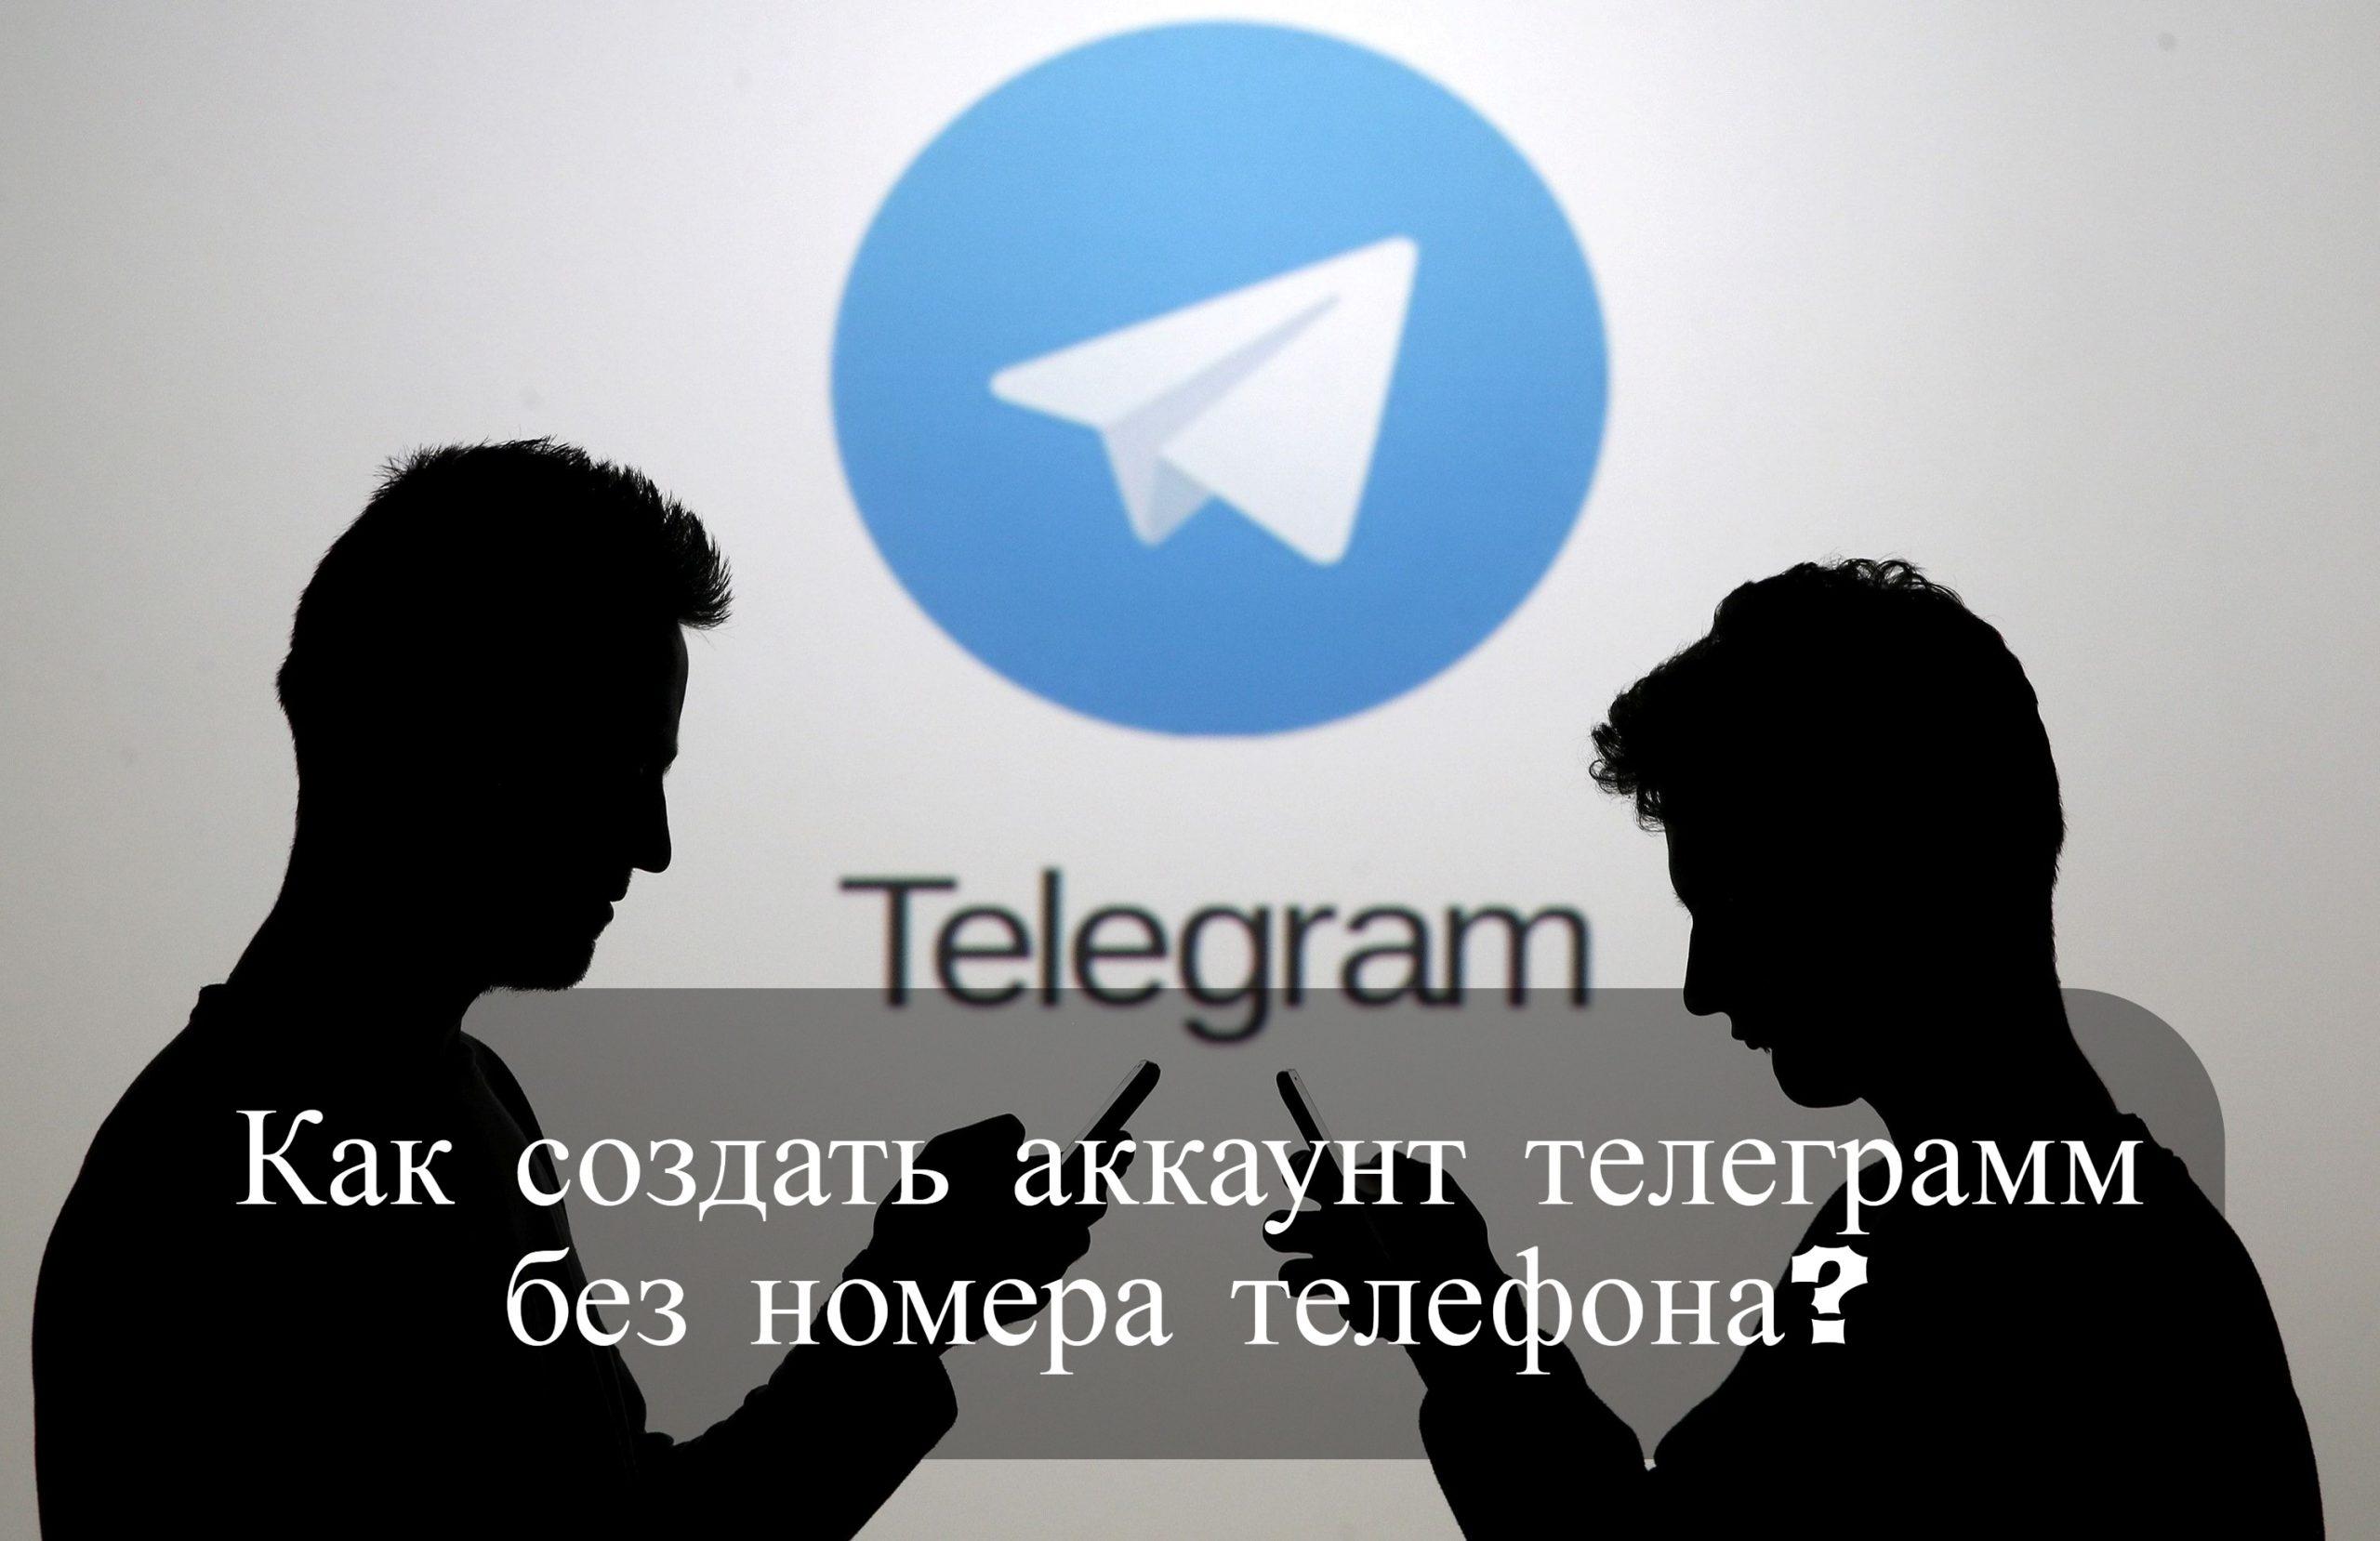 Регистрация в телеграмме без номера телефона